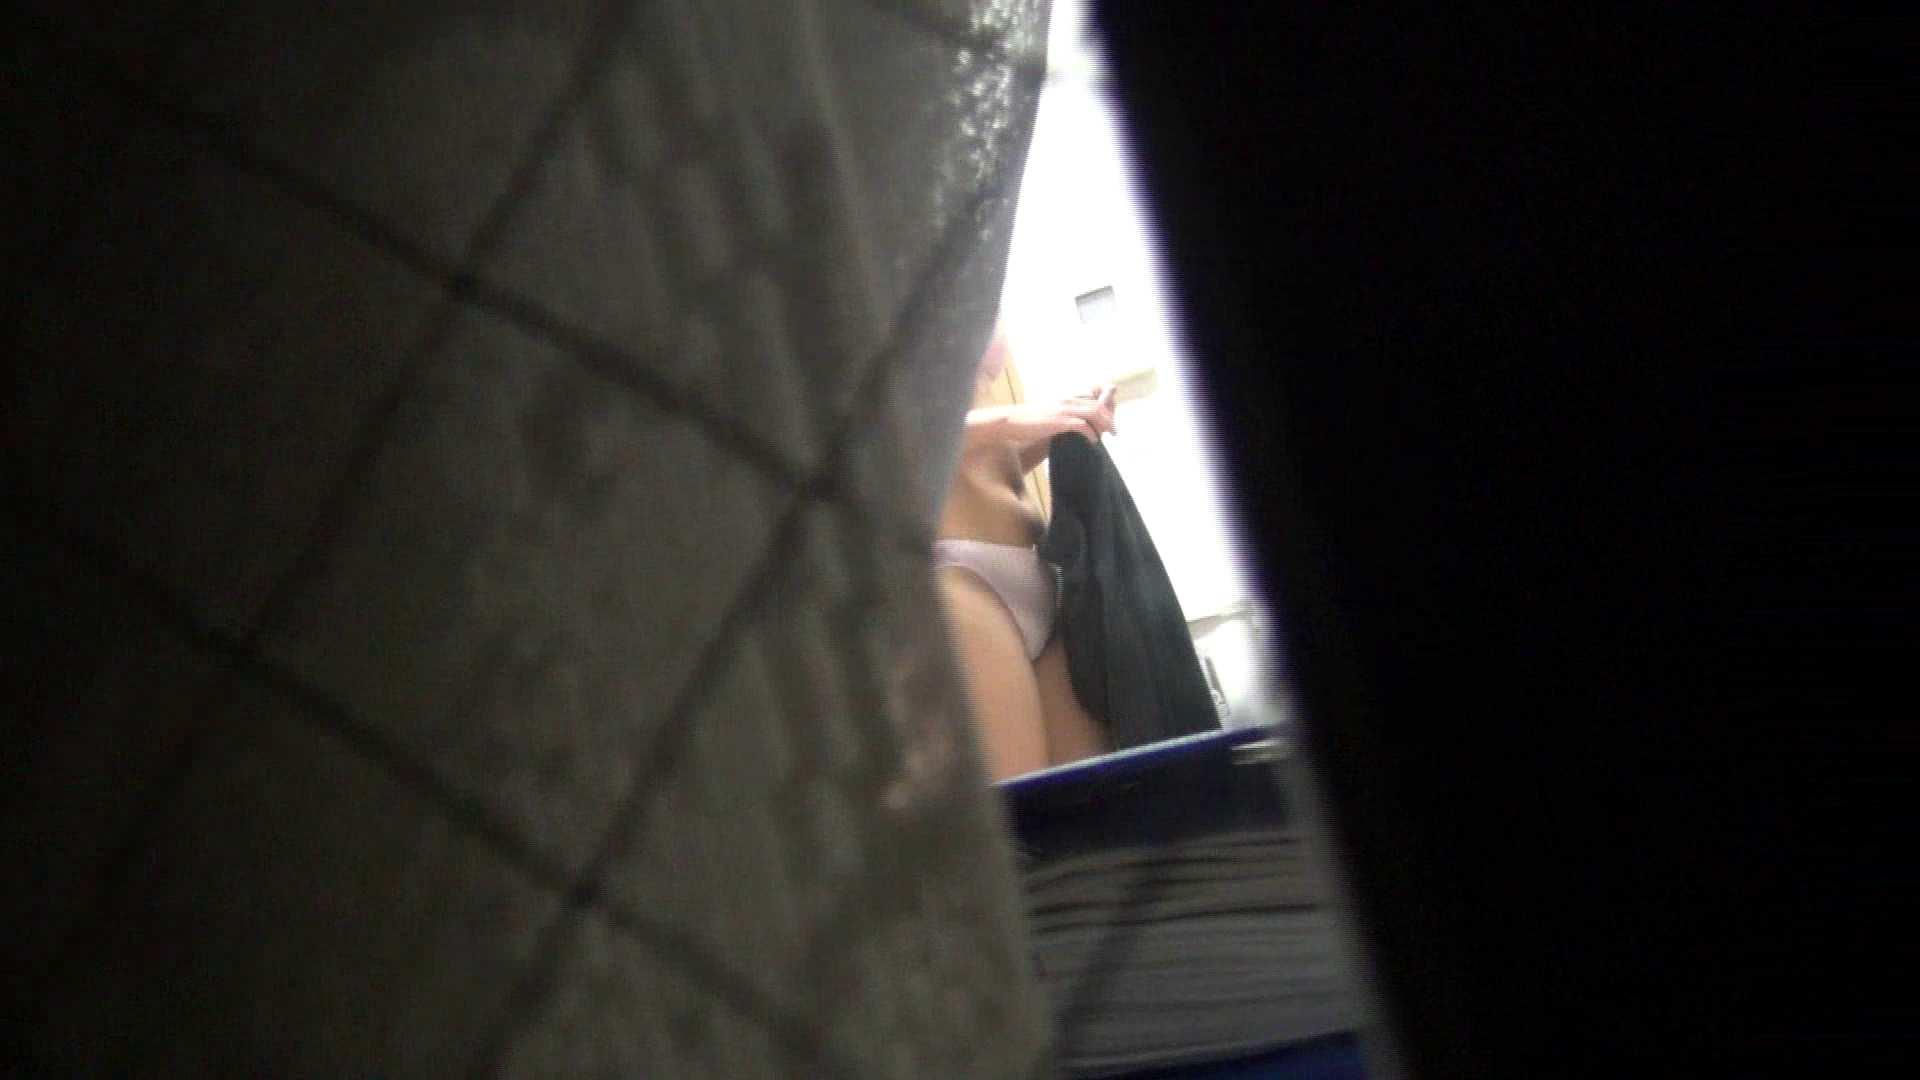 【05】仕事が忙しくて・・・久しぶりにベランダで待ち伏せ リアル・マンコ のぞき動画画像 85pic 43